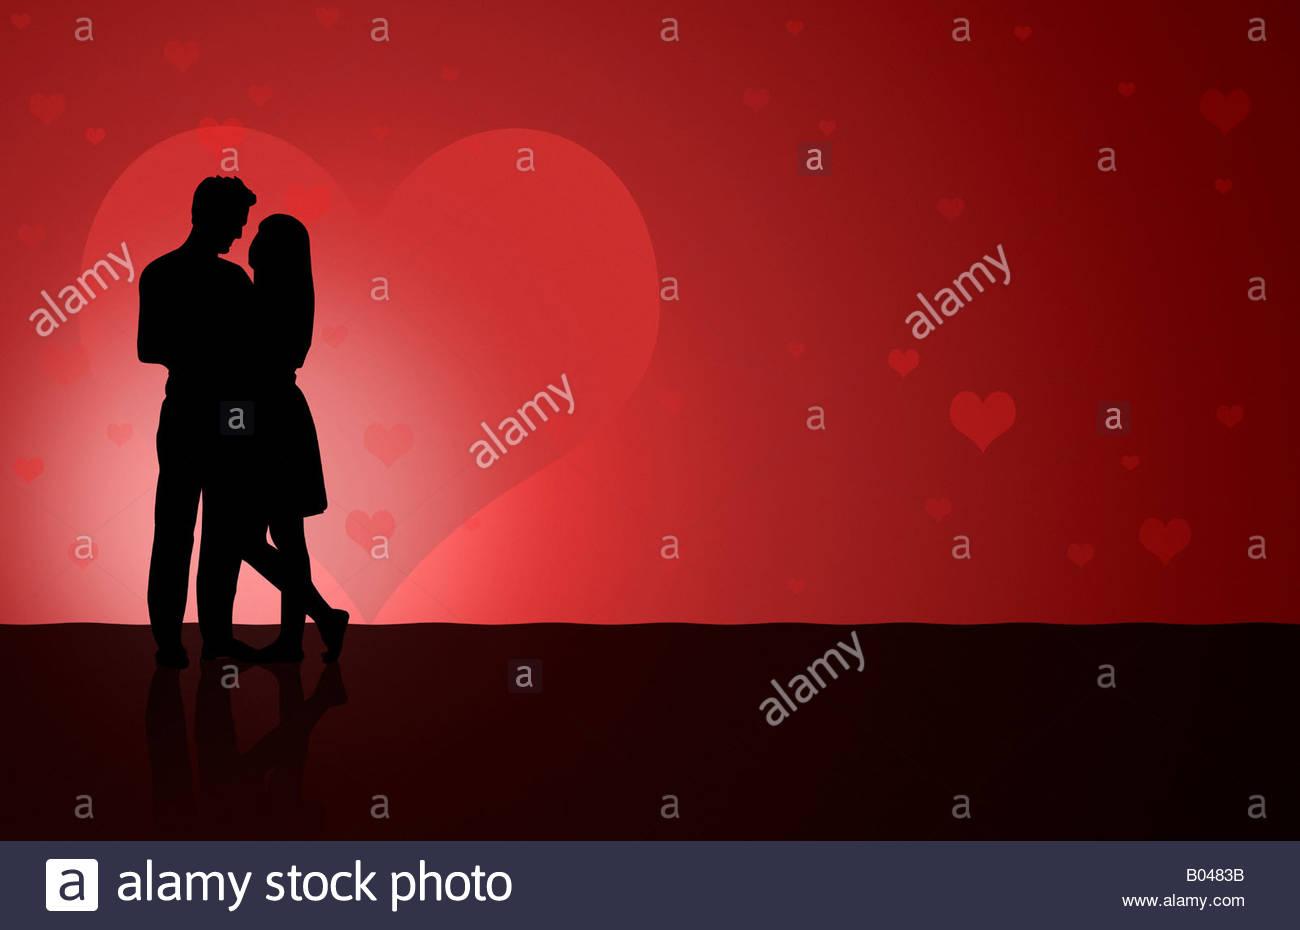 Abbildung von wenigen Silhouette Tanz Stockbild